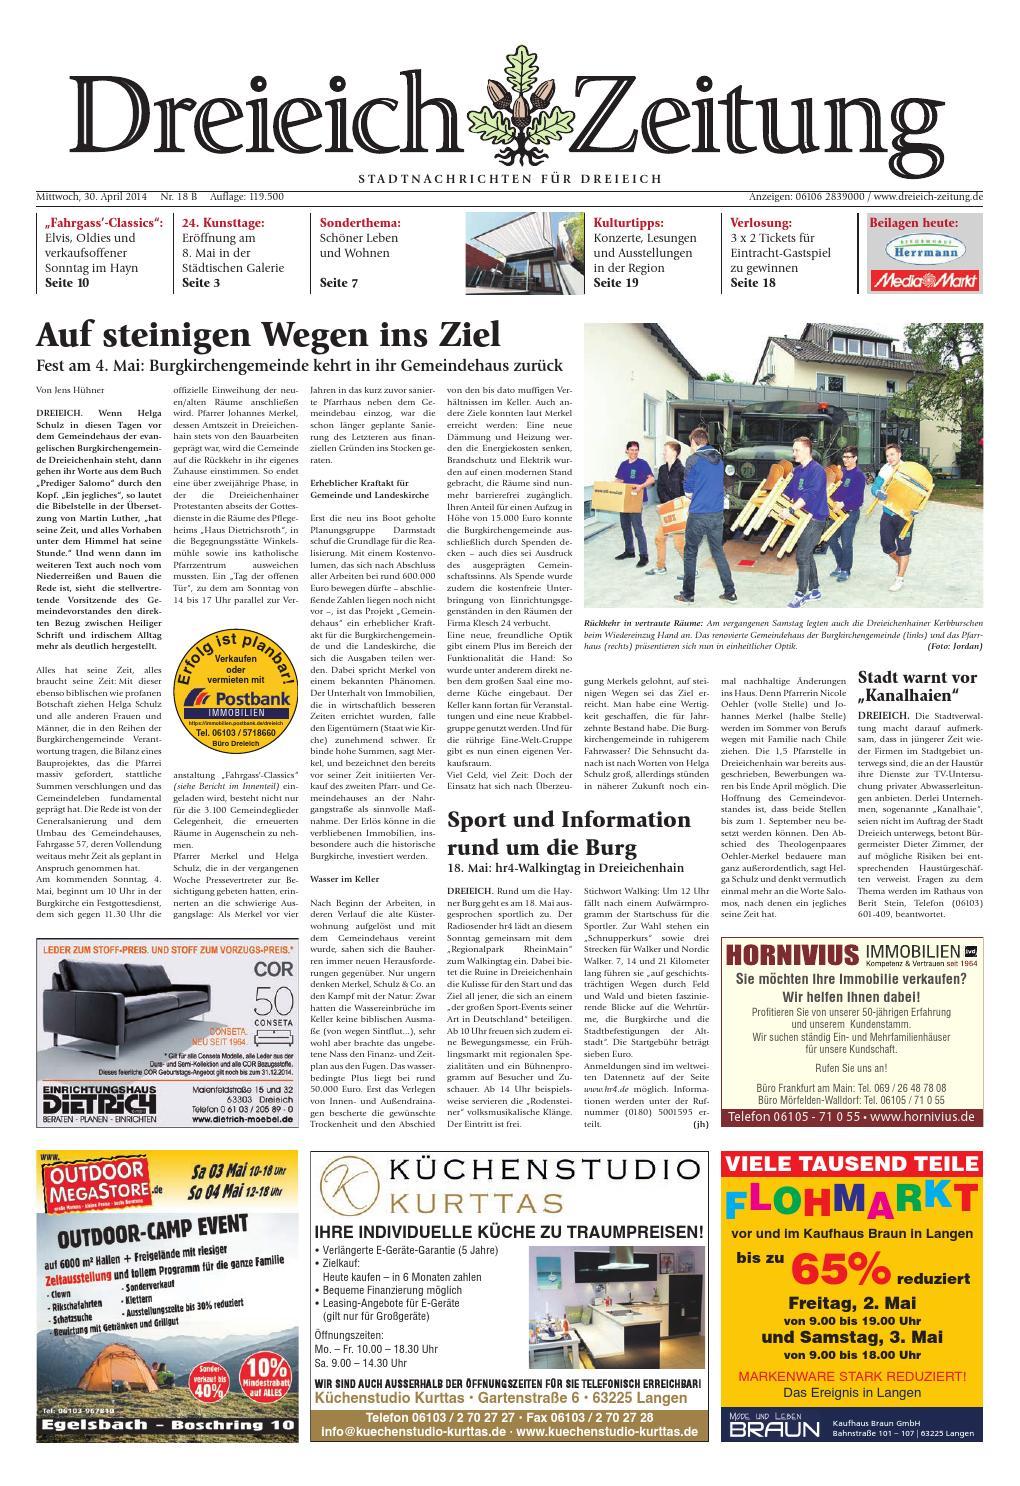 Dz online 8 8 b by Dreieich Zeitung/Offenbach Journal   issuu